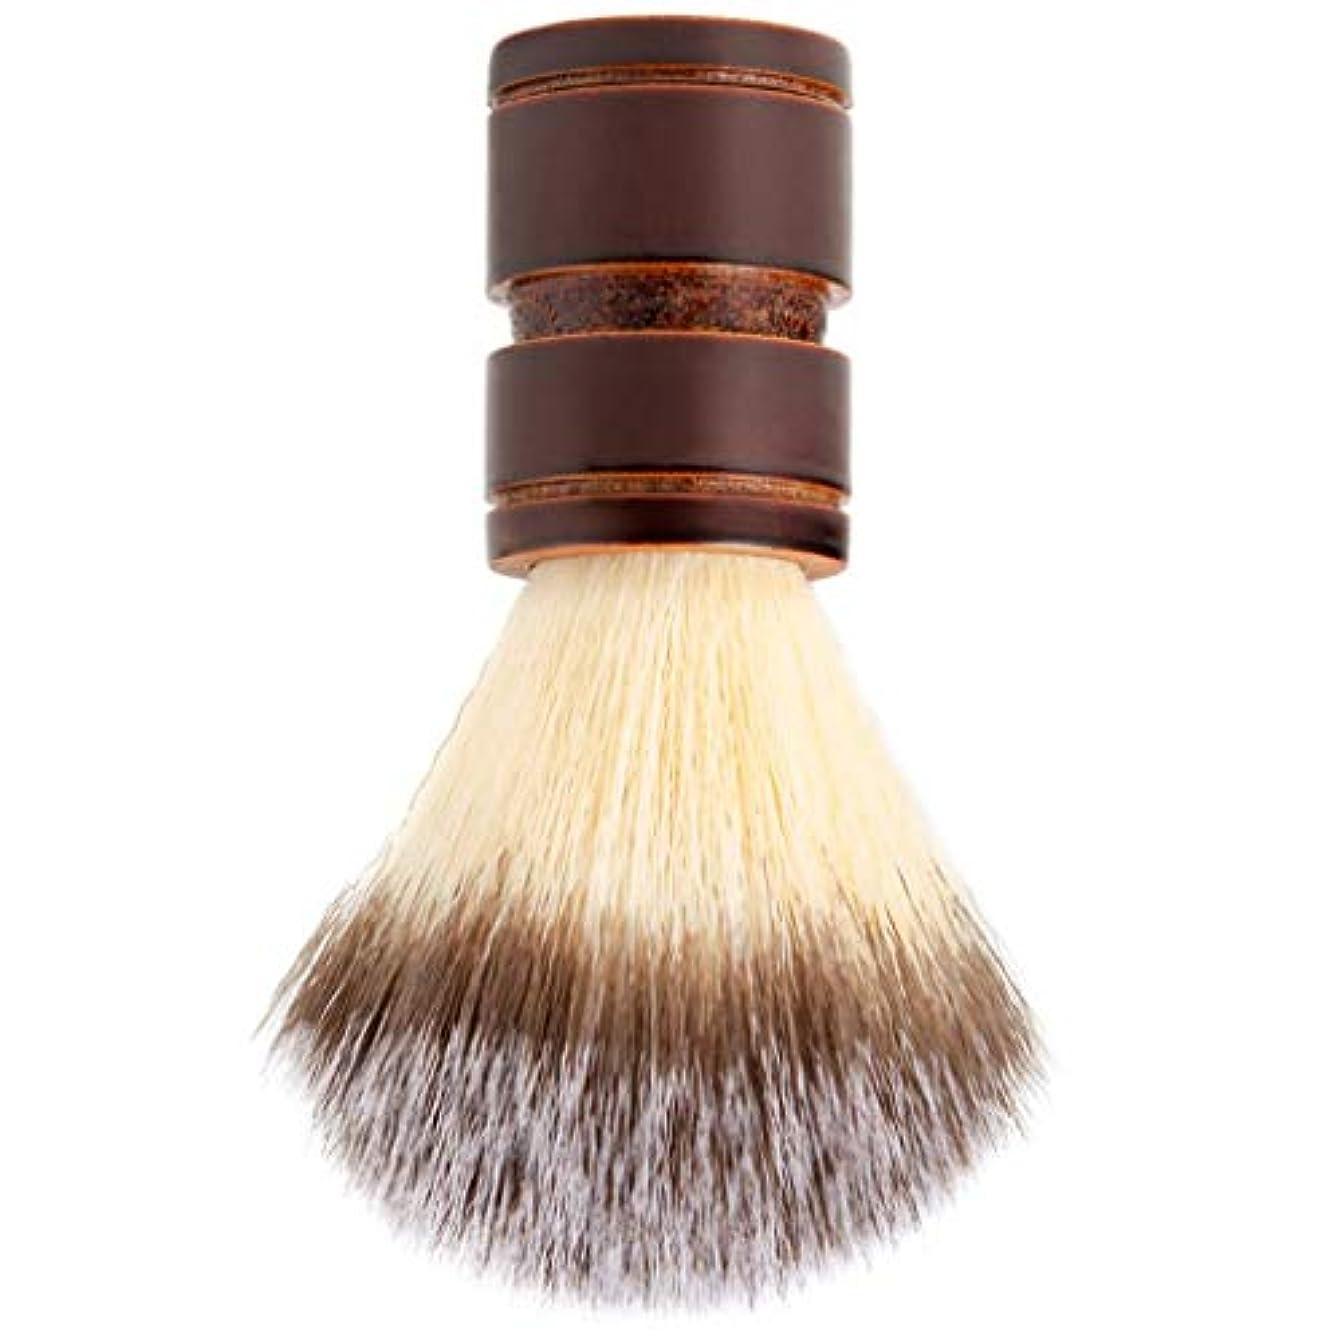 視力メロン把握ひげブラシ メンズ シェービングブラシ 毛髭ブラシ 髭剃り ポータブル ひげ剃り 美容ツール